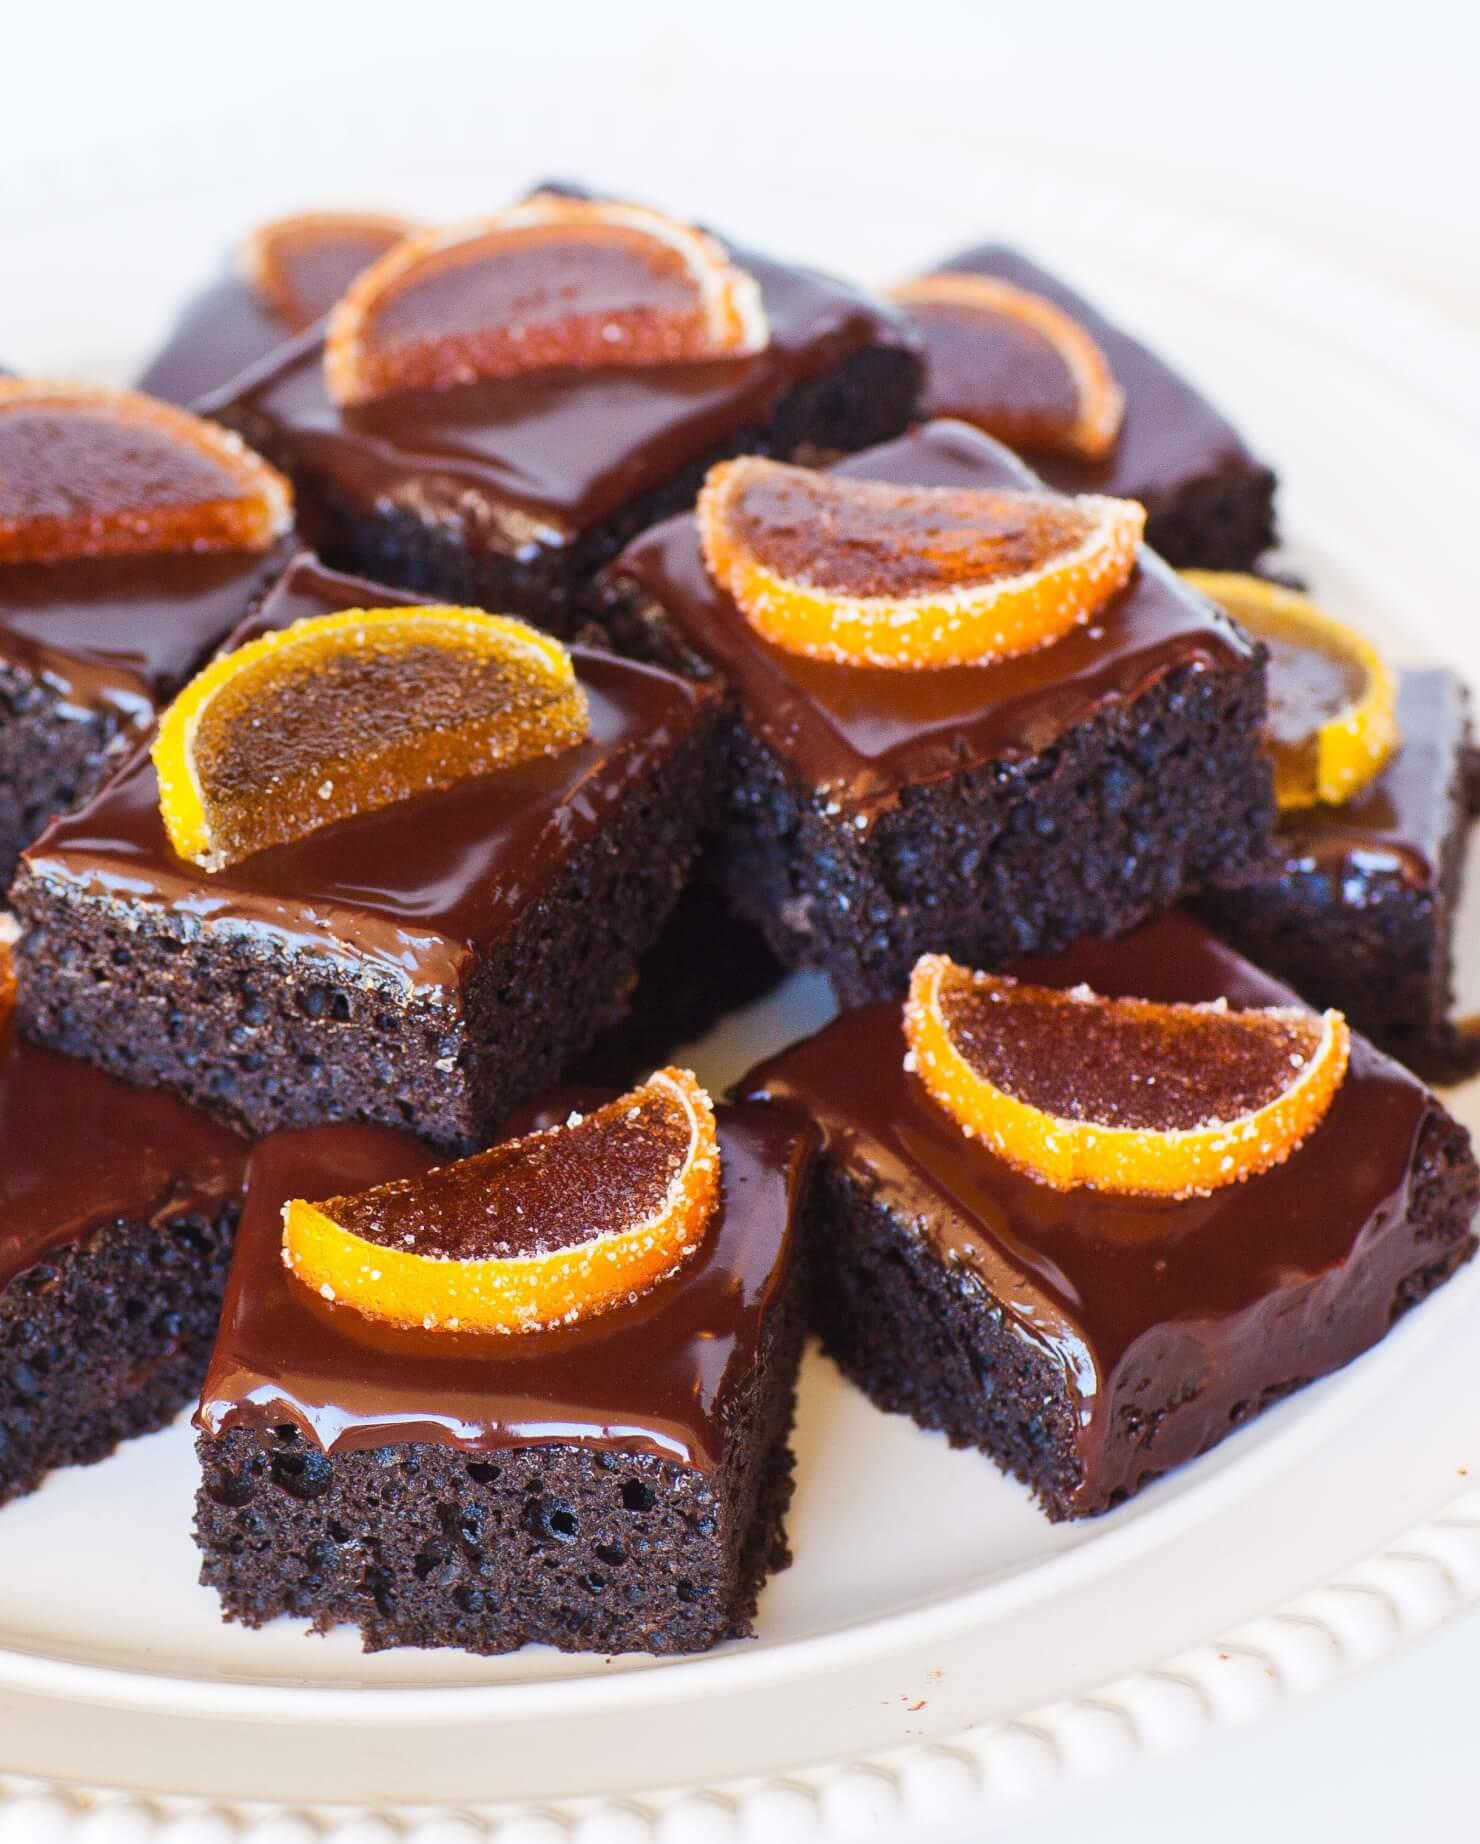 Orange Chocolate Cake Recipe Simple